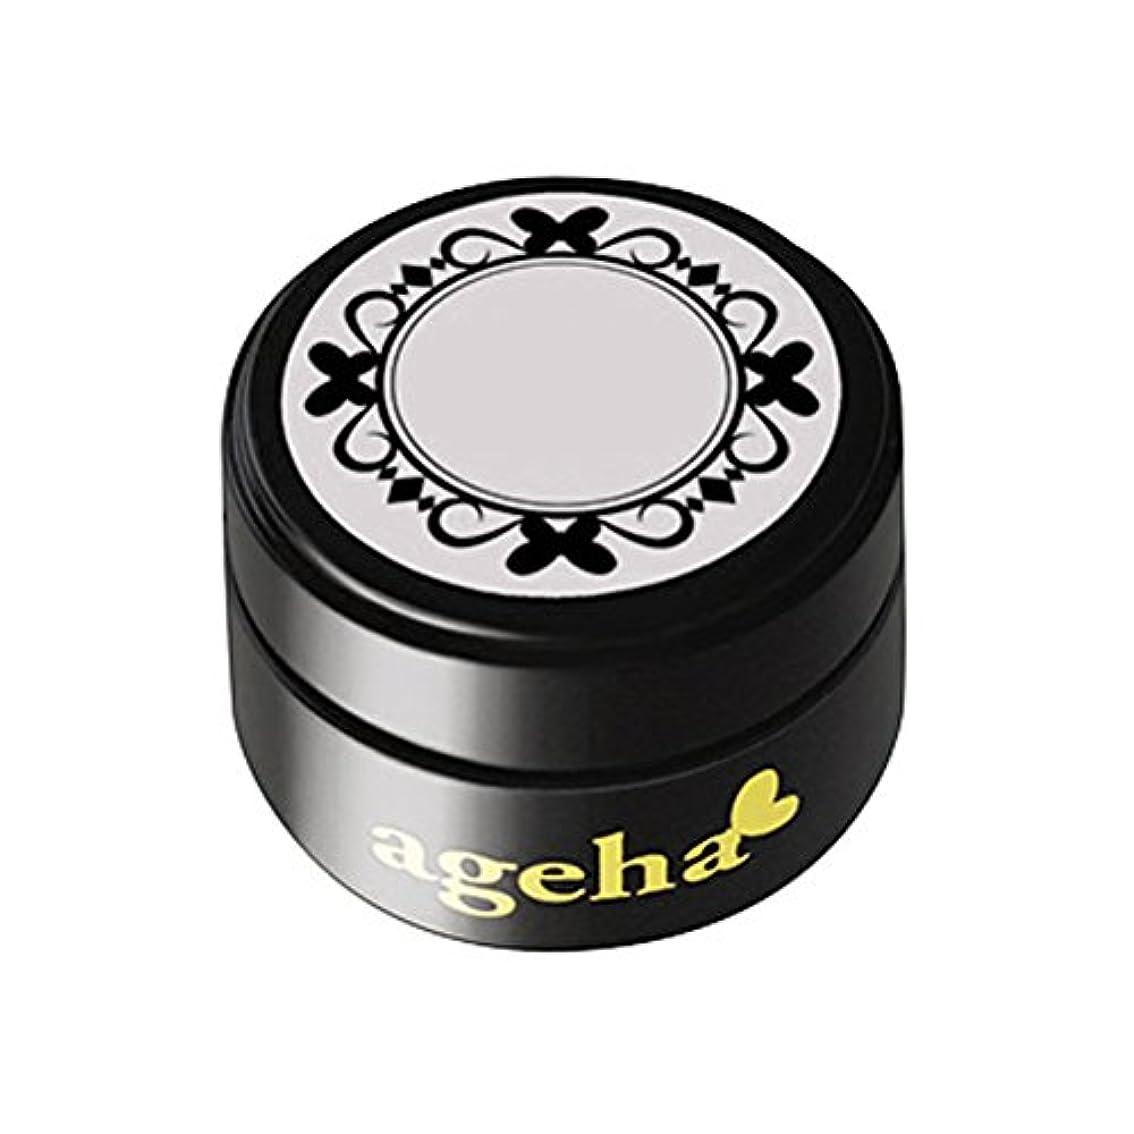 多数の法廷命題ageha gel カラージェル コスメカラー 206 インディアンレッド 2.7g UV/LED対応